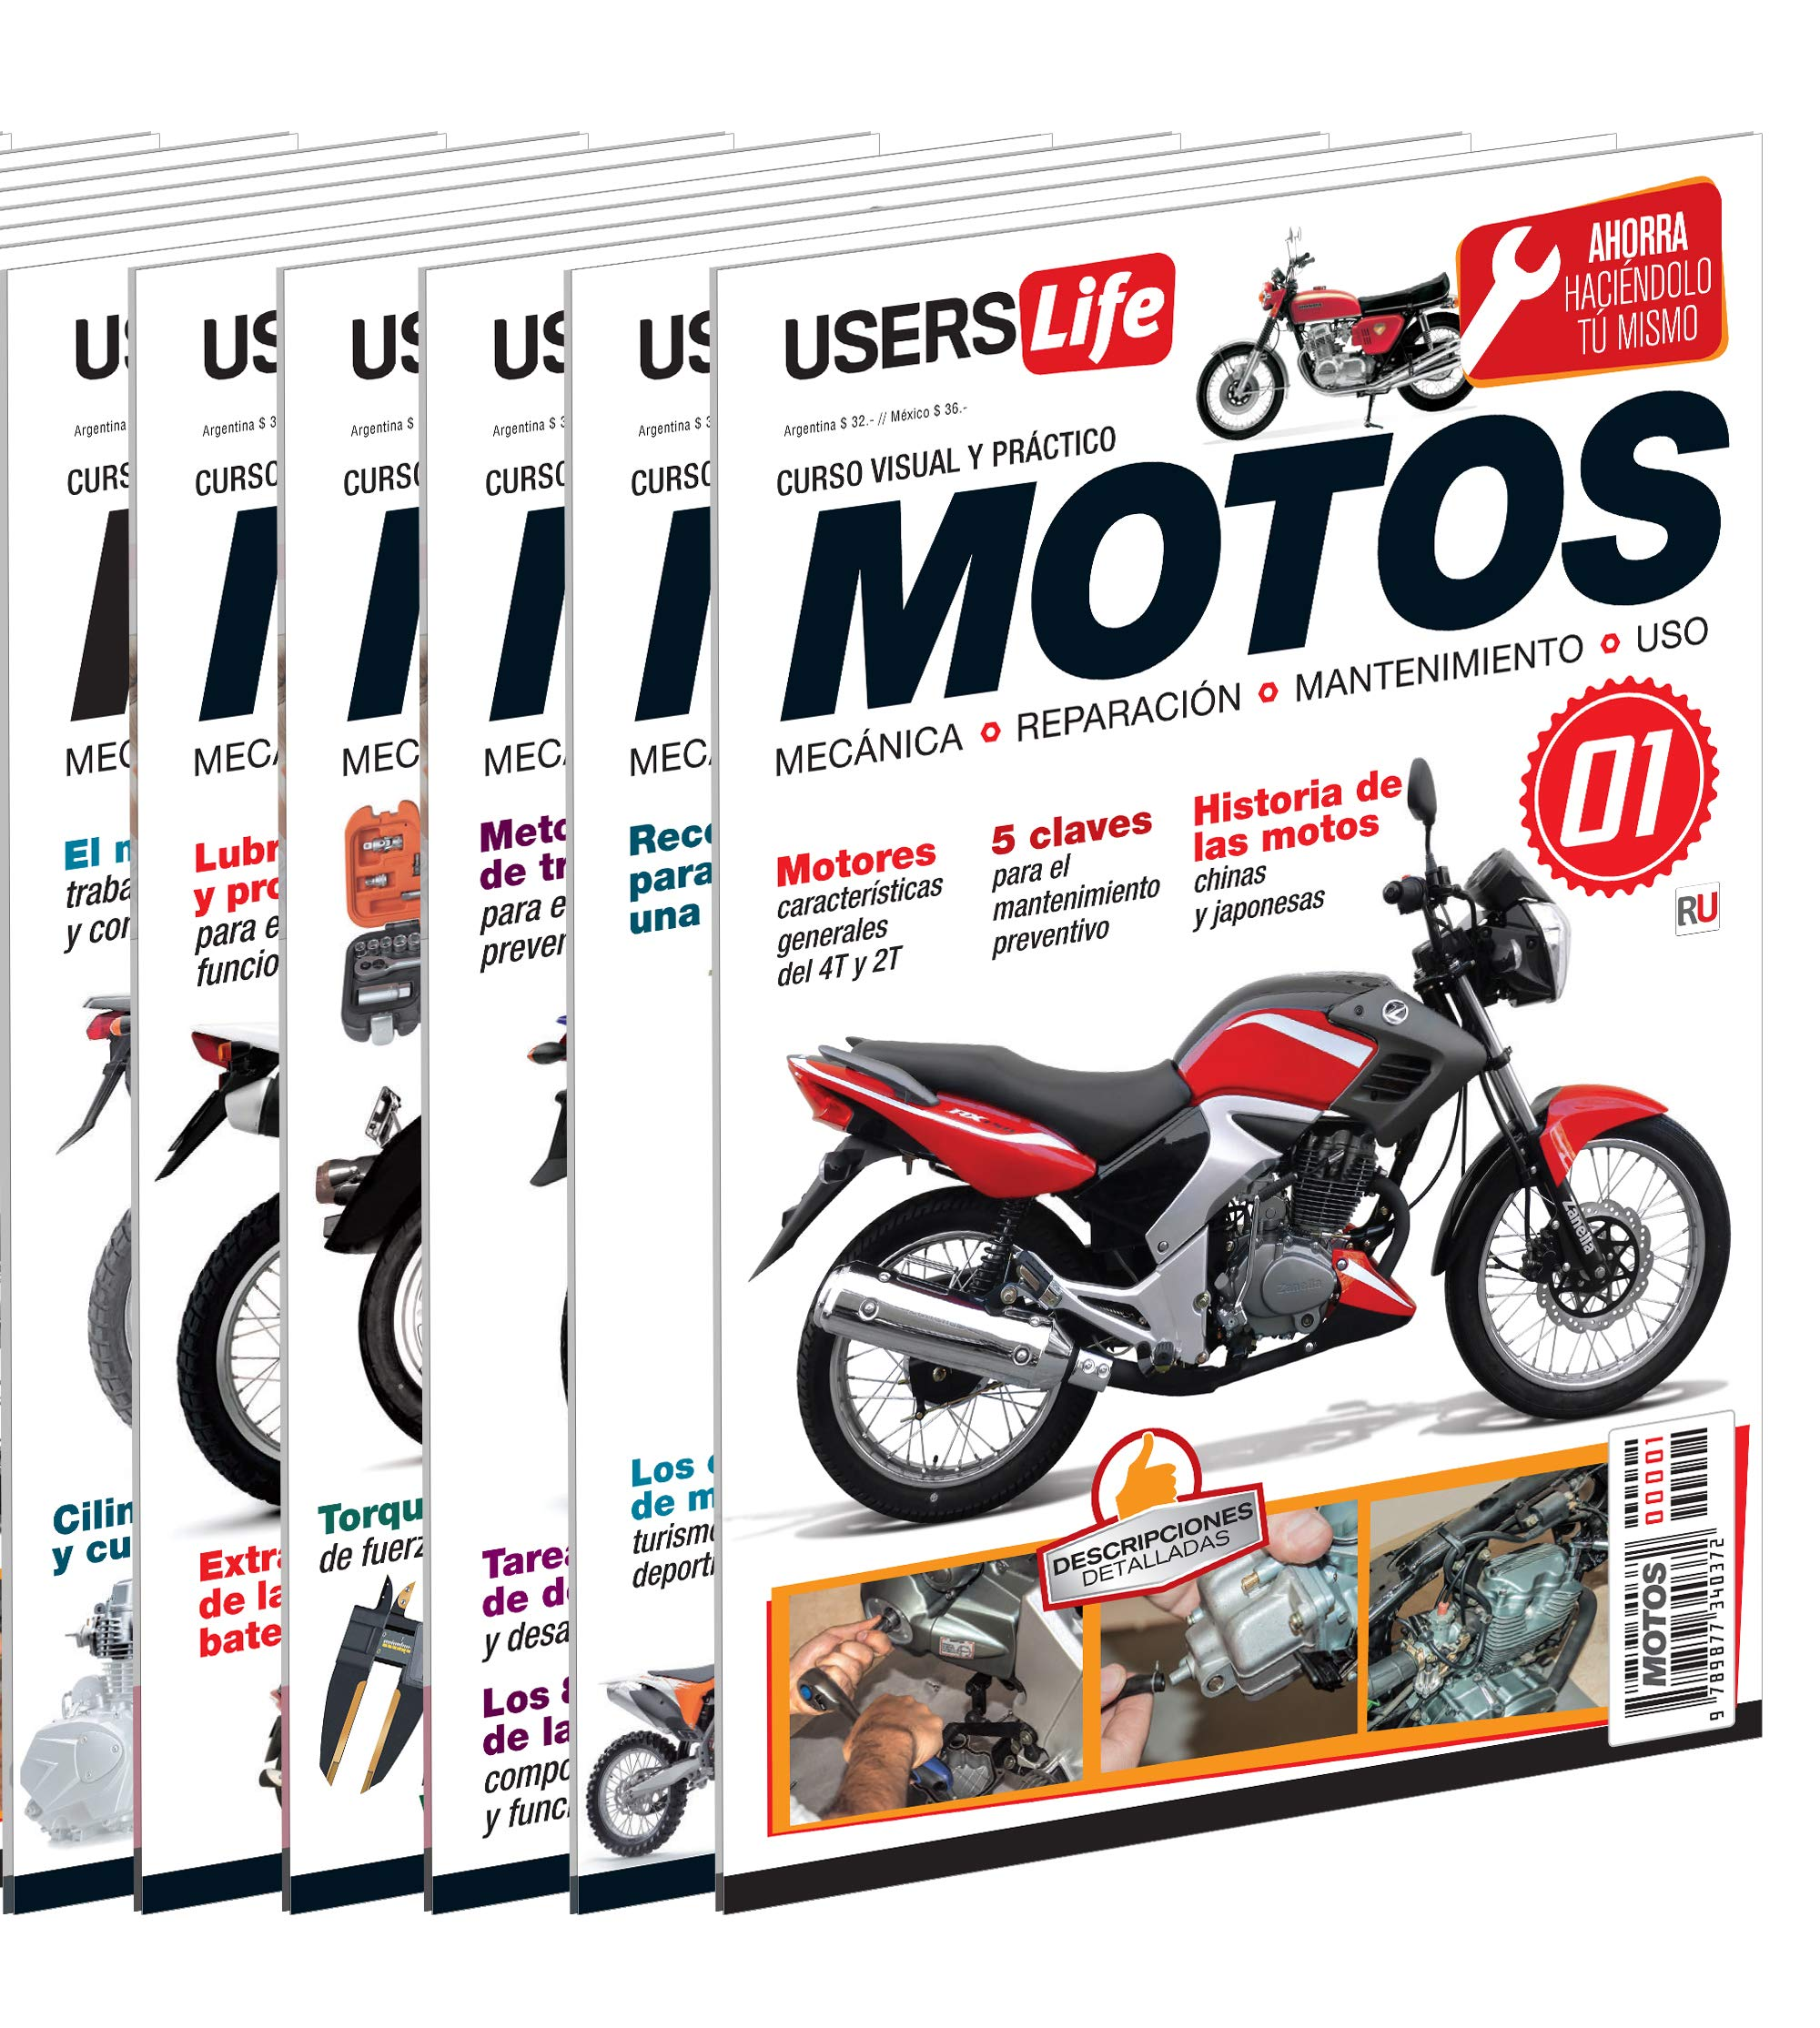 Motos - Mecánica, reparación, mantenimiento y uso (Spanish Edition): Hernán Pesis, USERS, Español Espanol Espaniol: 9789877340372: Amazon.com: Books